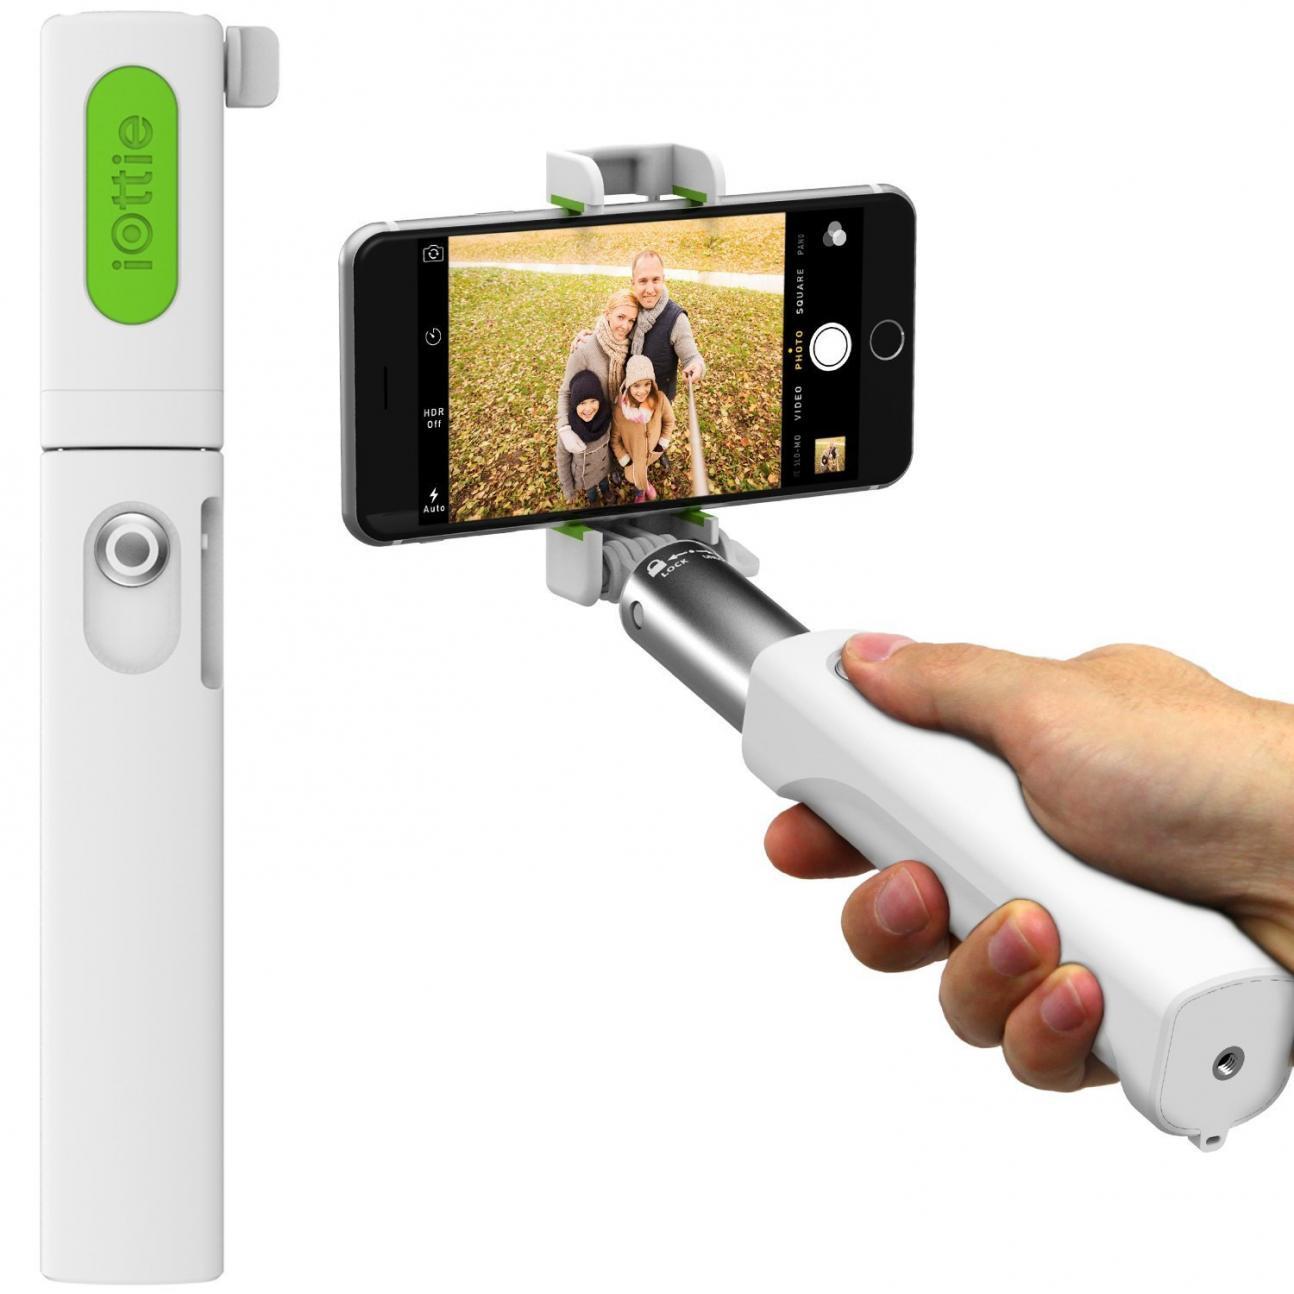 iOttie MiGo Selfie Stick Comes in Black & White